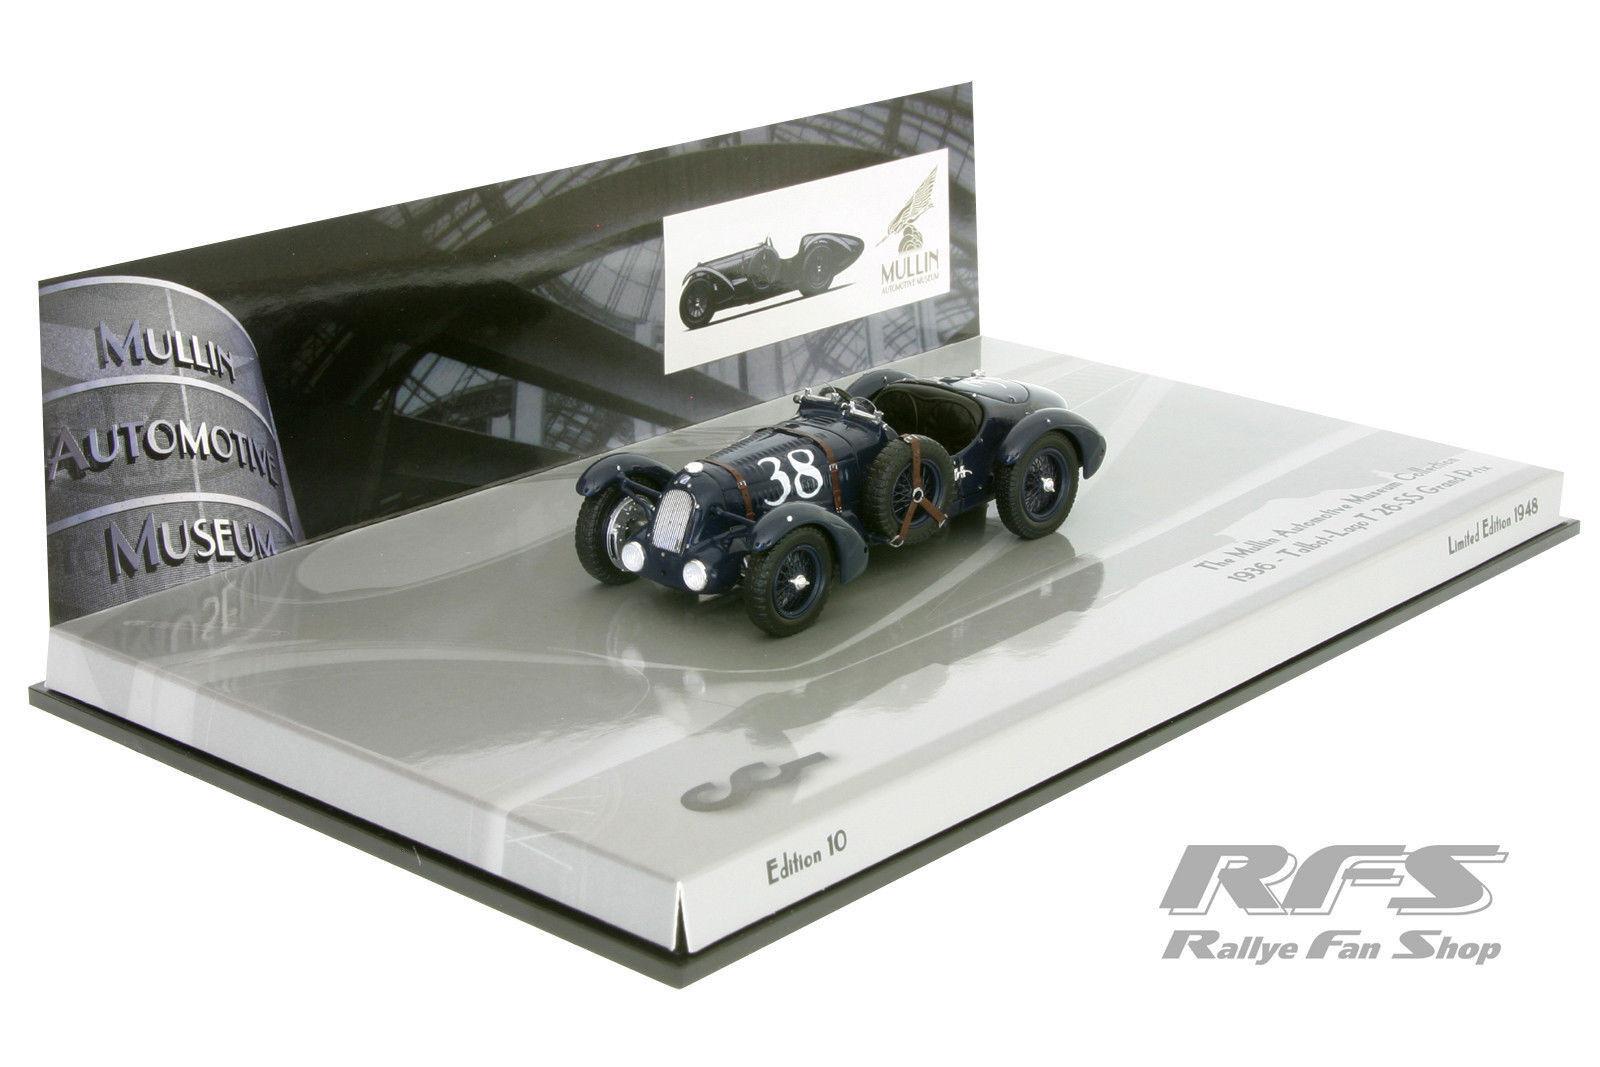 1:43 Talbot-Lago T 26-ss Grand Prix -   38 - 1936-Minichamps 437117130